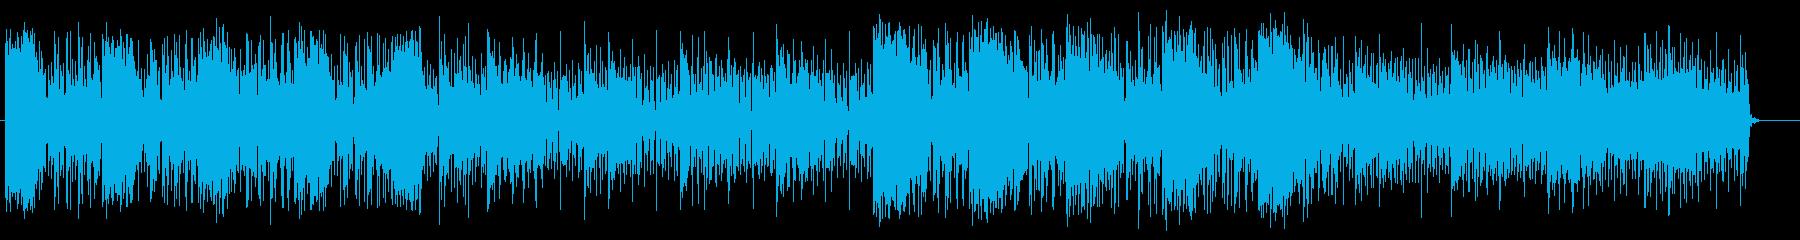 宇宙感のあるシンセサイザーテクノの再生済みの波形